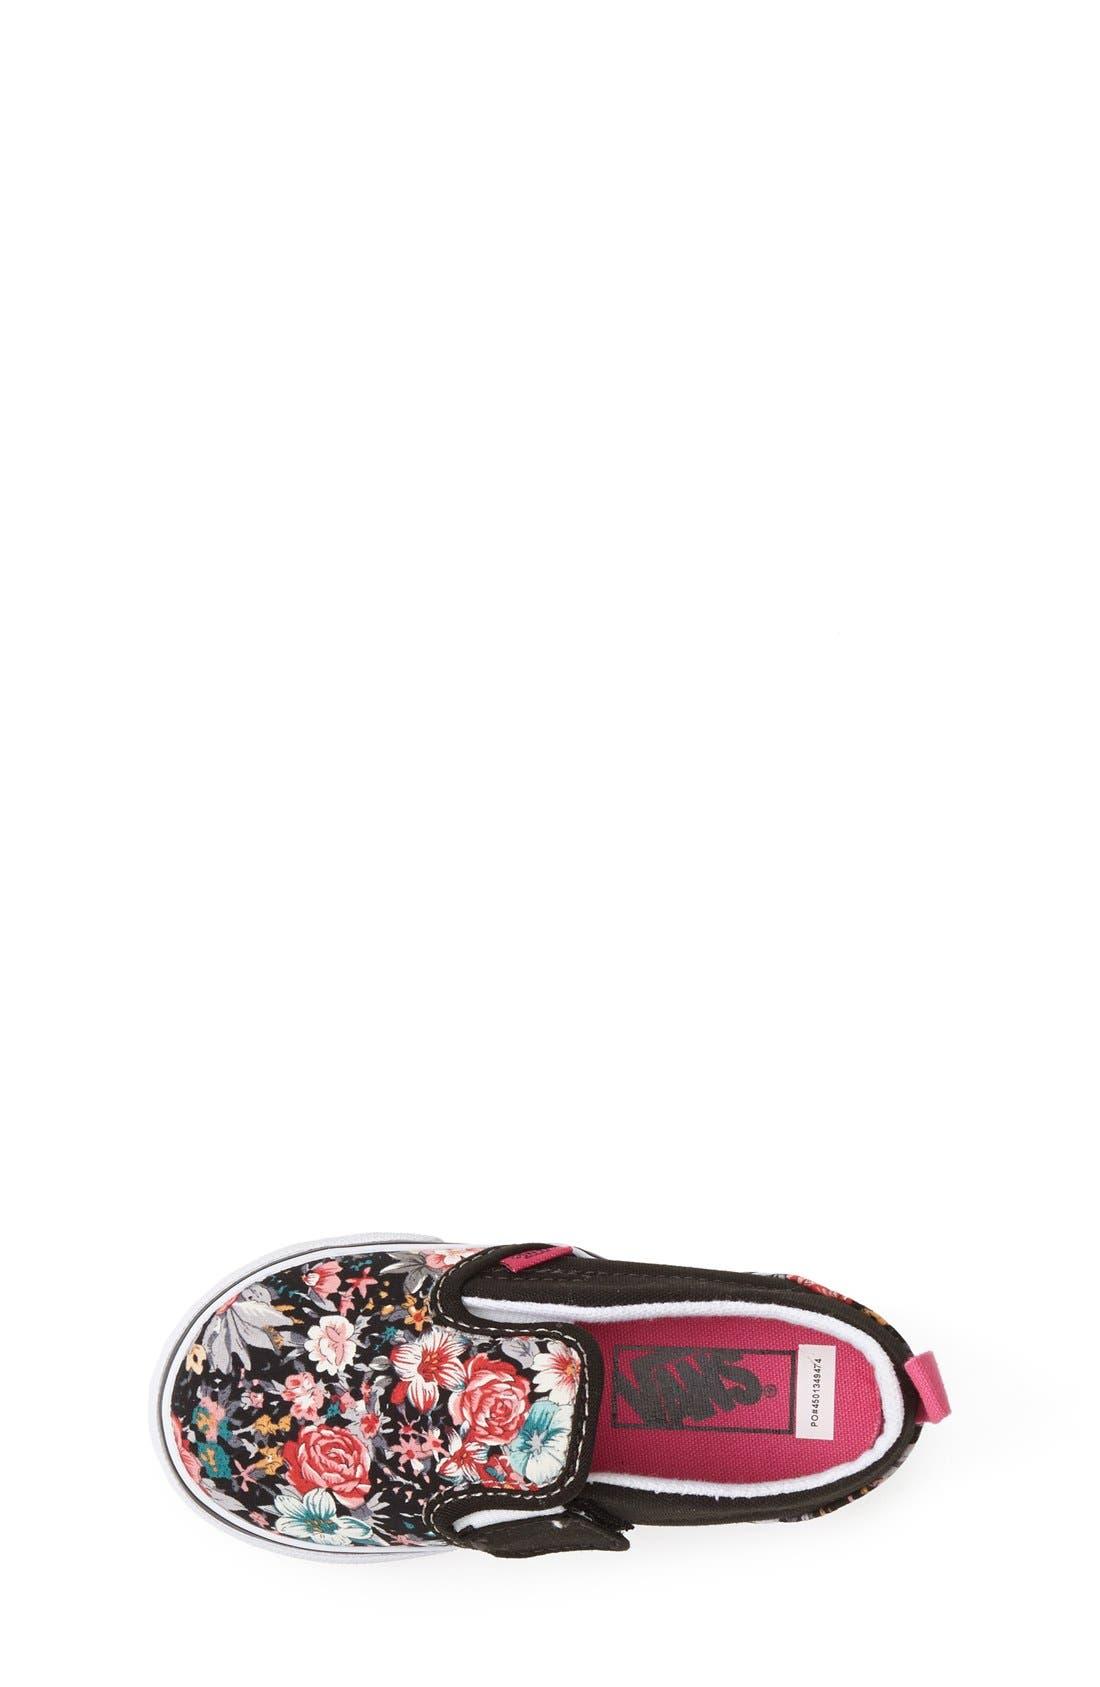 Alternate Image 3  - Vans 'Classic' Slip-On Sneaker (Baby, Walker & Toddler)